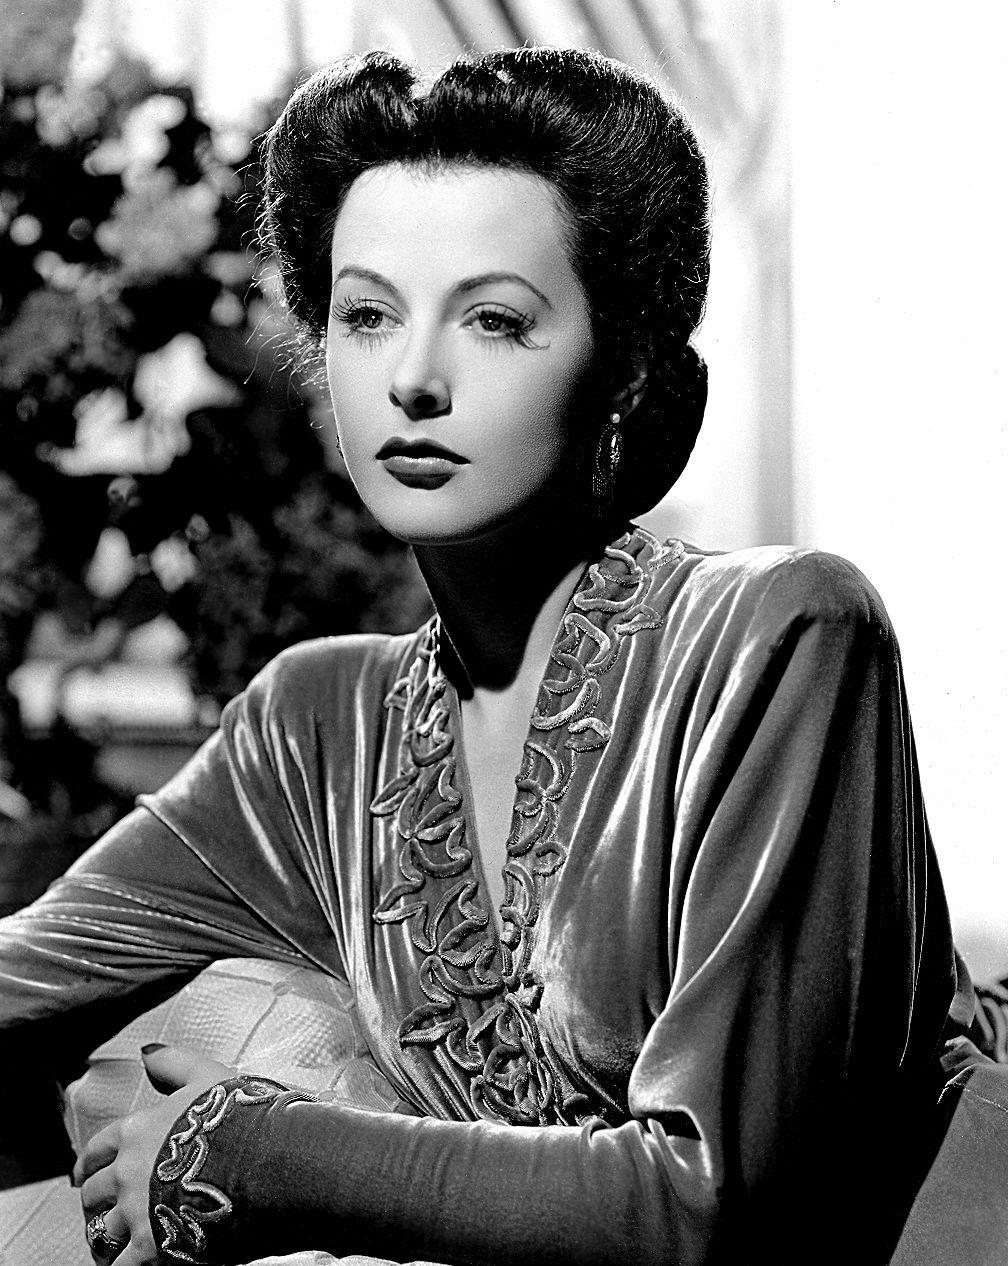 hedy lamarr   File:Hedy Lamarr-1942.JPG - Wikipedia, the free encyclopedia